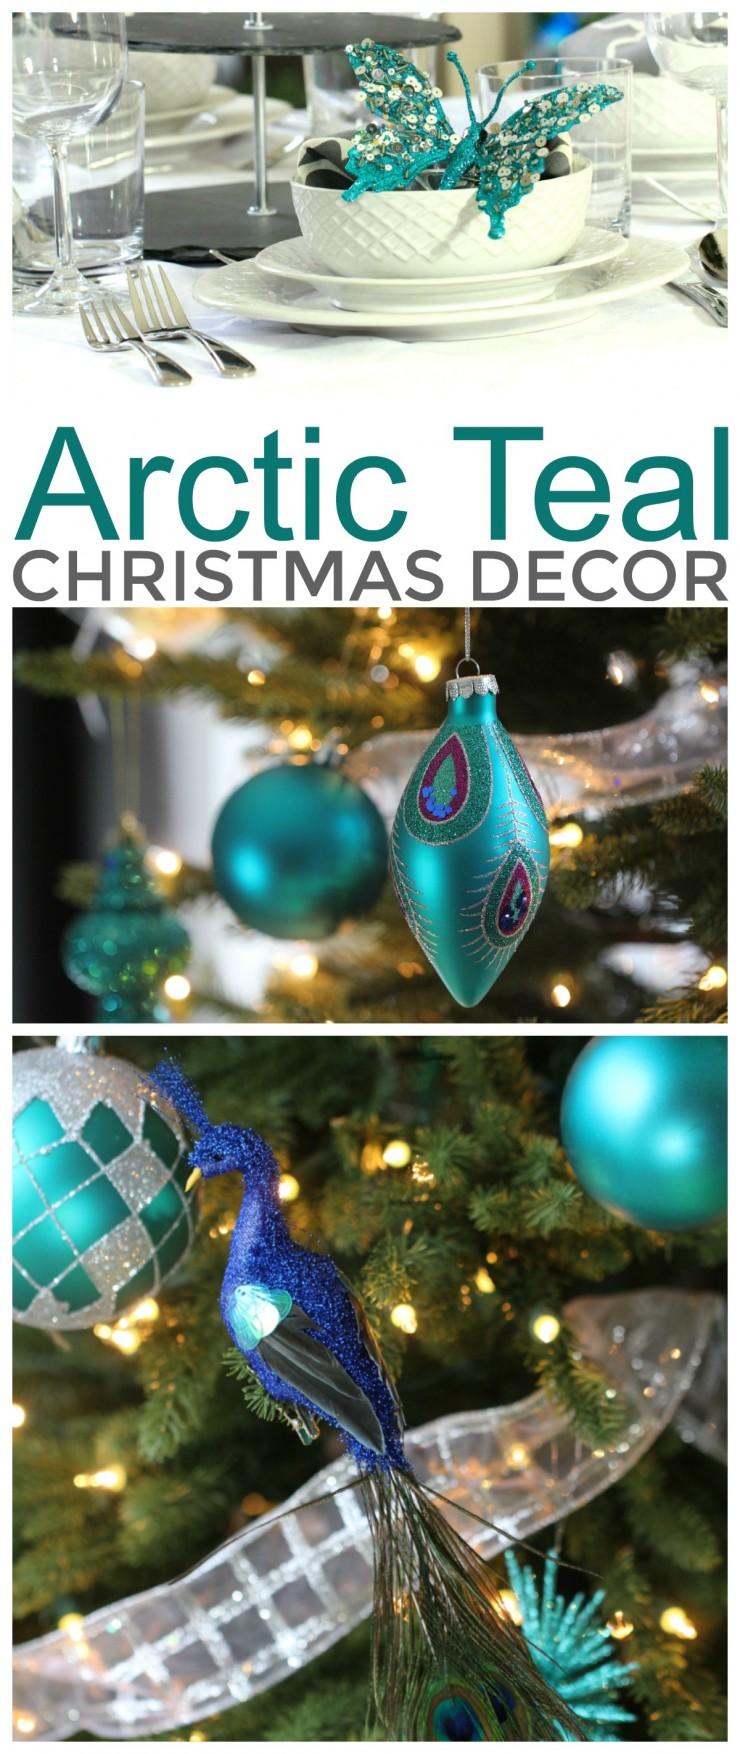 Arctic Teal Christmas Decoration Ideas - Teal Christmas Tree, Teal Christmas Tableschape and other easy